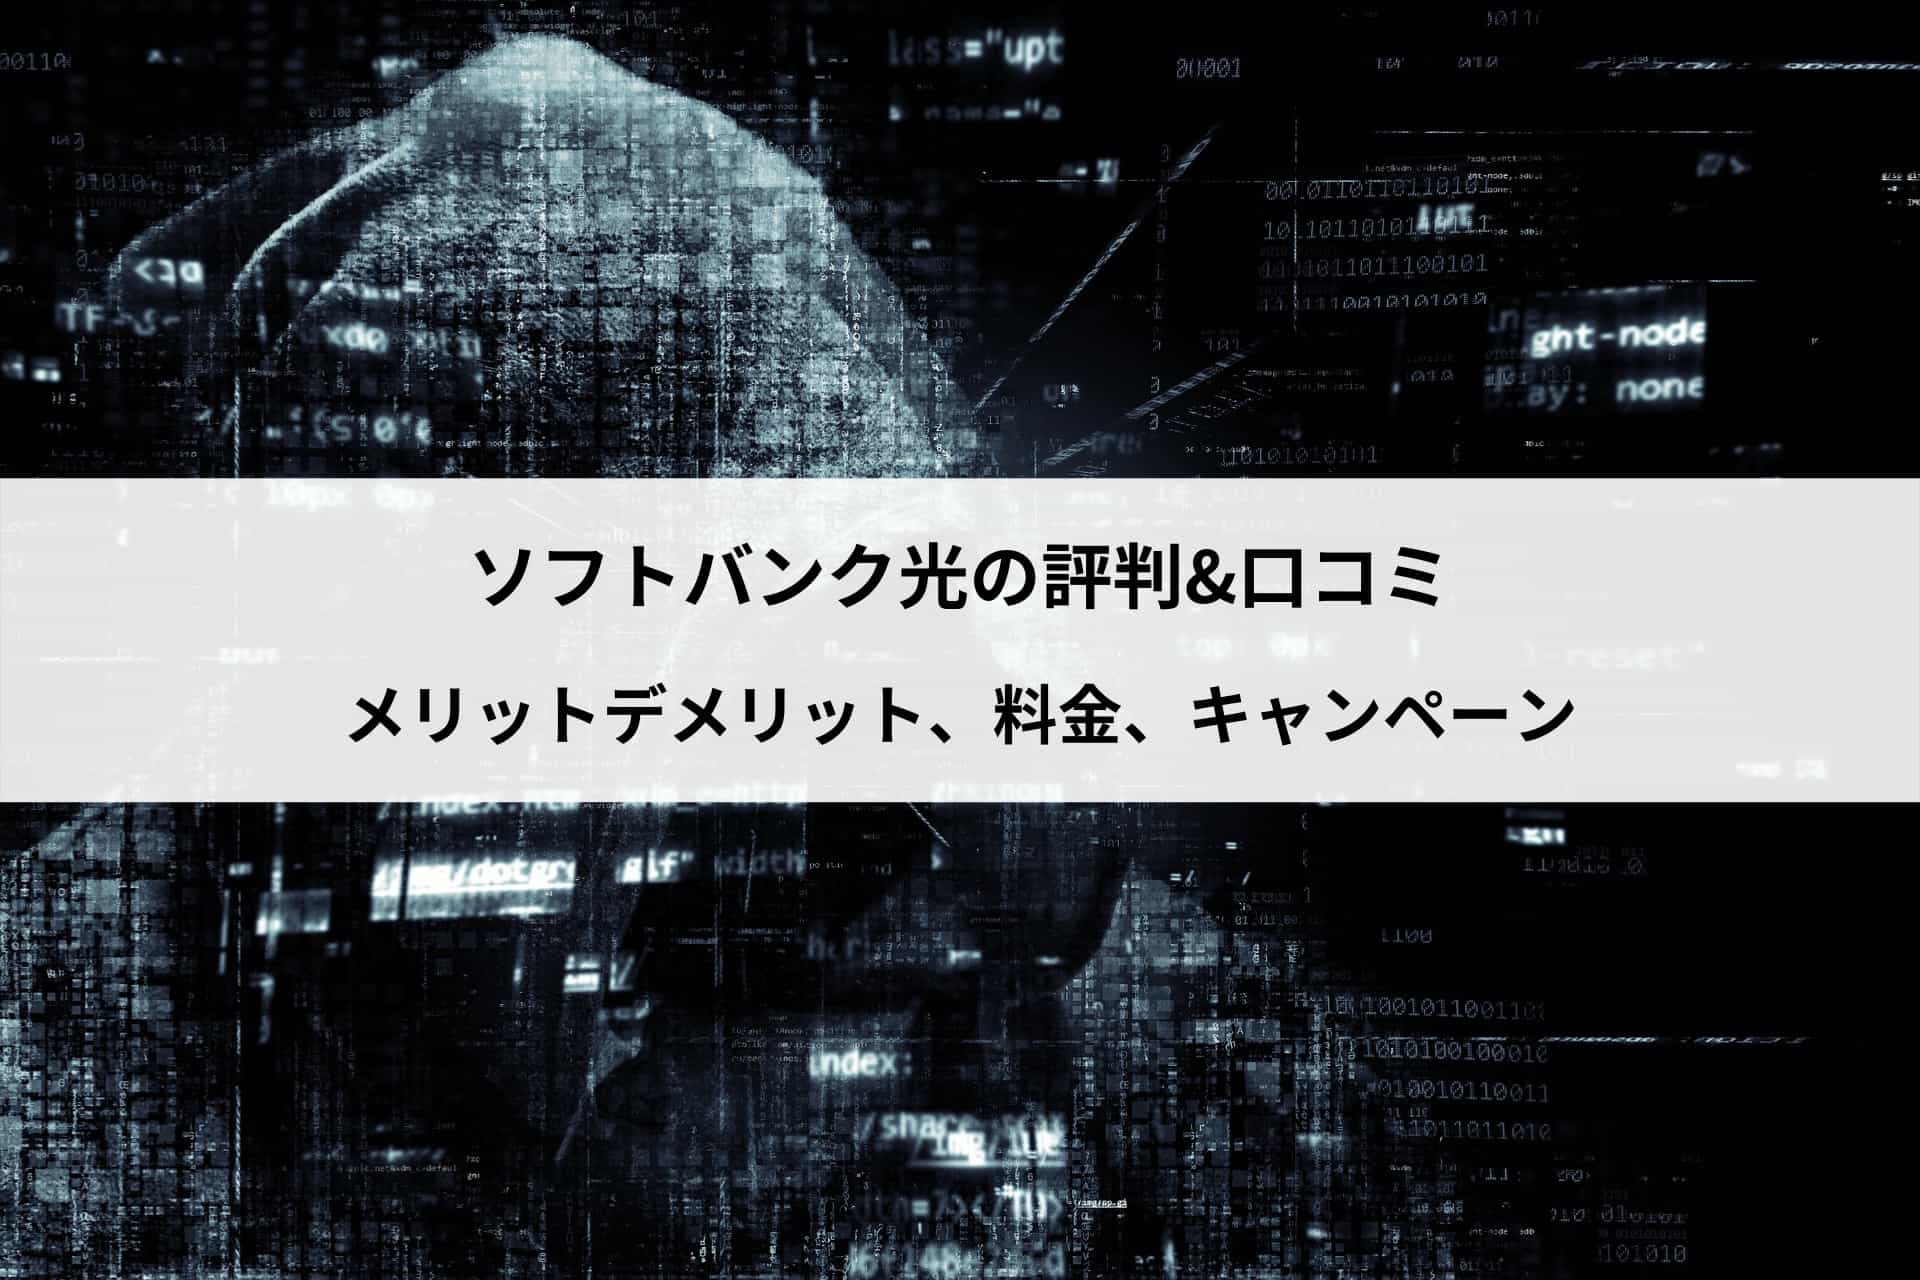 ソフトバンク光の評判&口コミ メリットデメリットや料金キャンペーン情報など徹底解説!